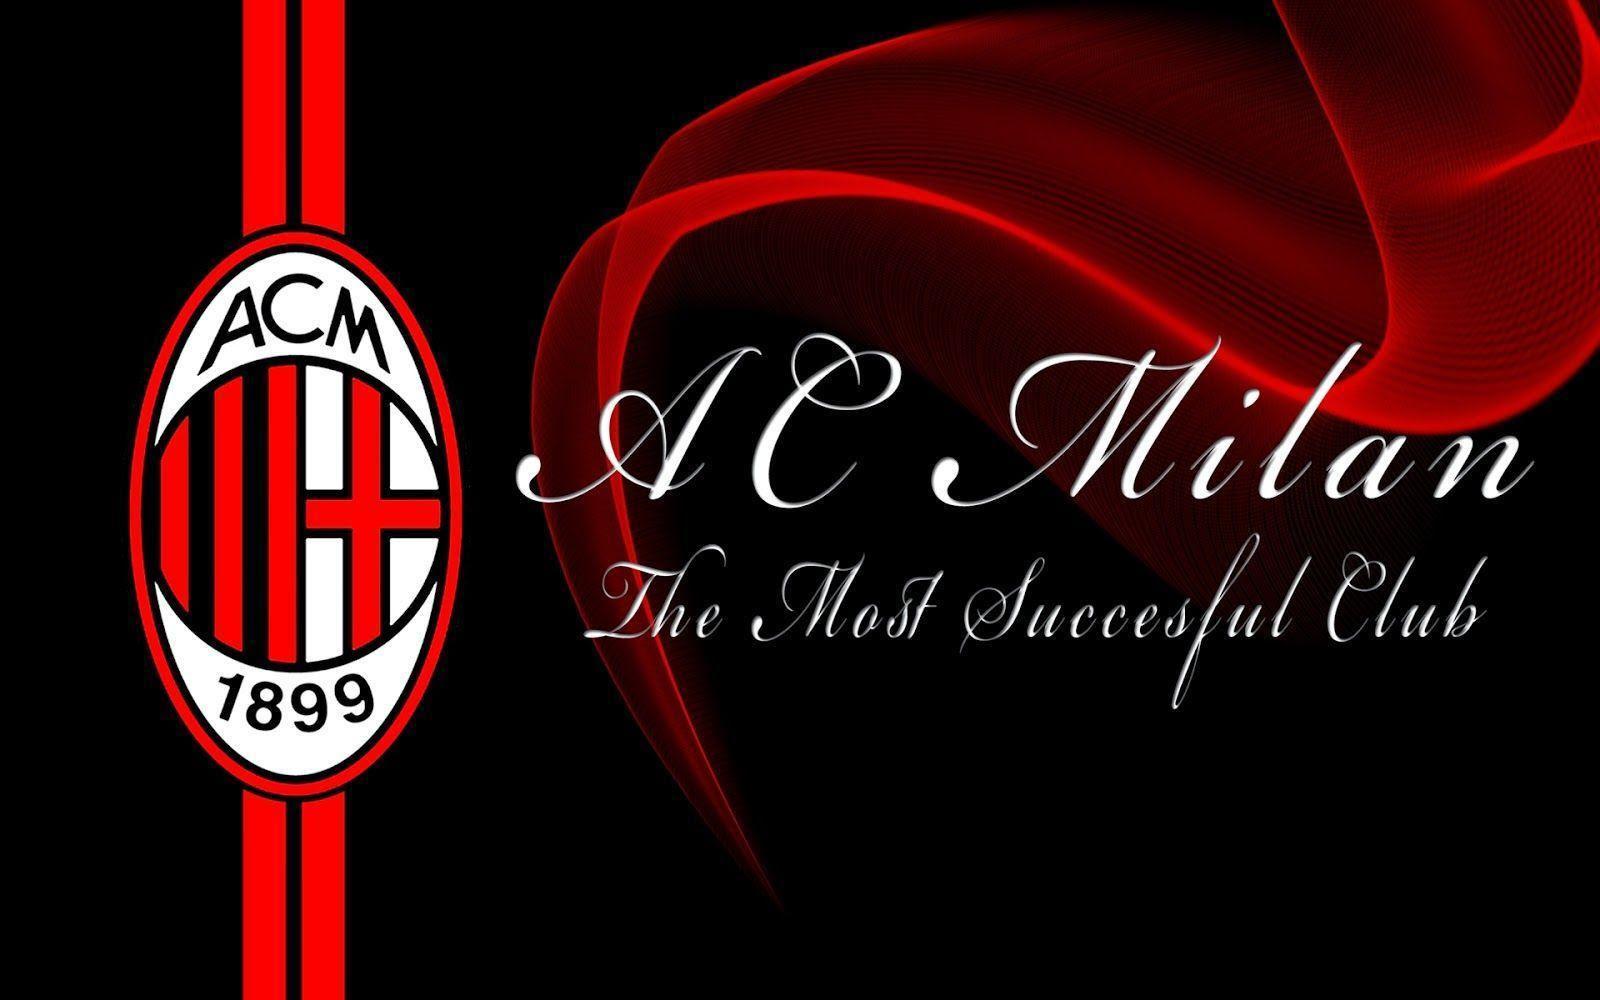 Logo Ac Milan Wallpapers 2016 - Wallpaper Cave